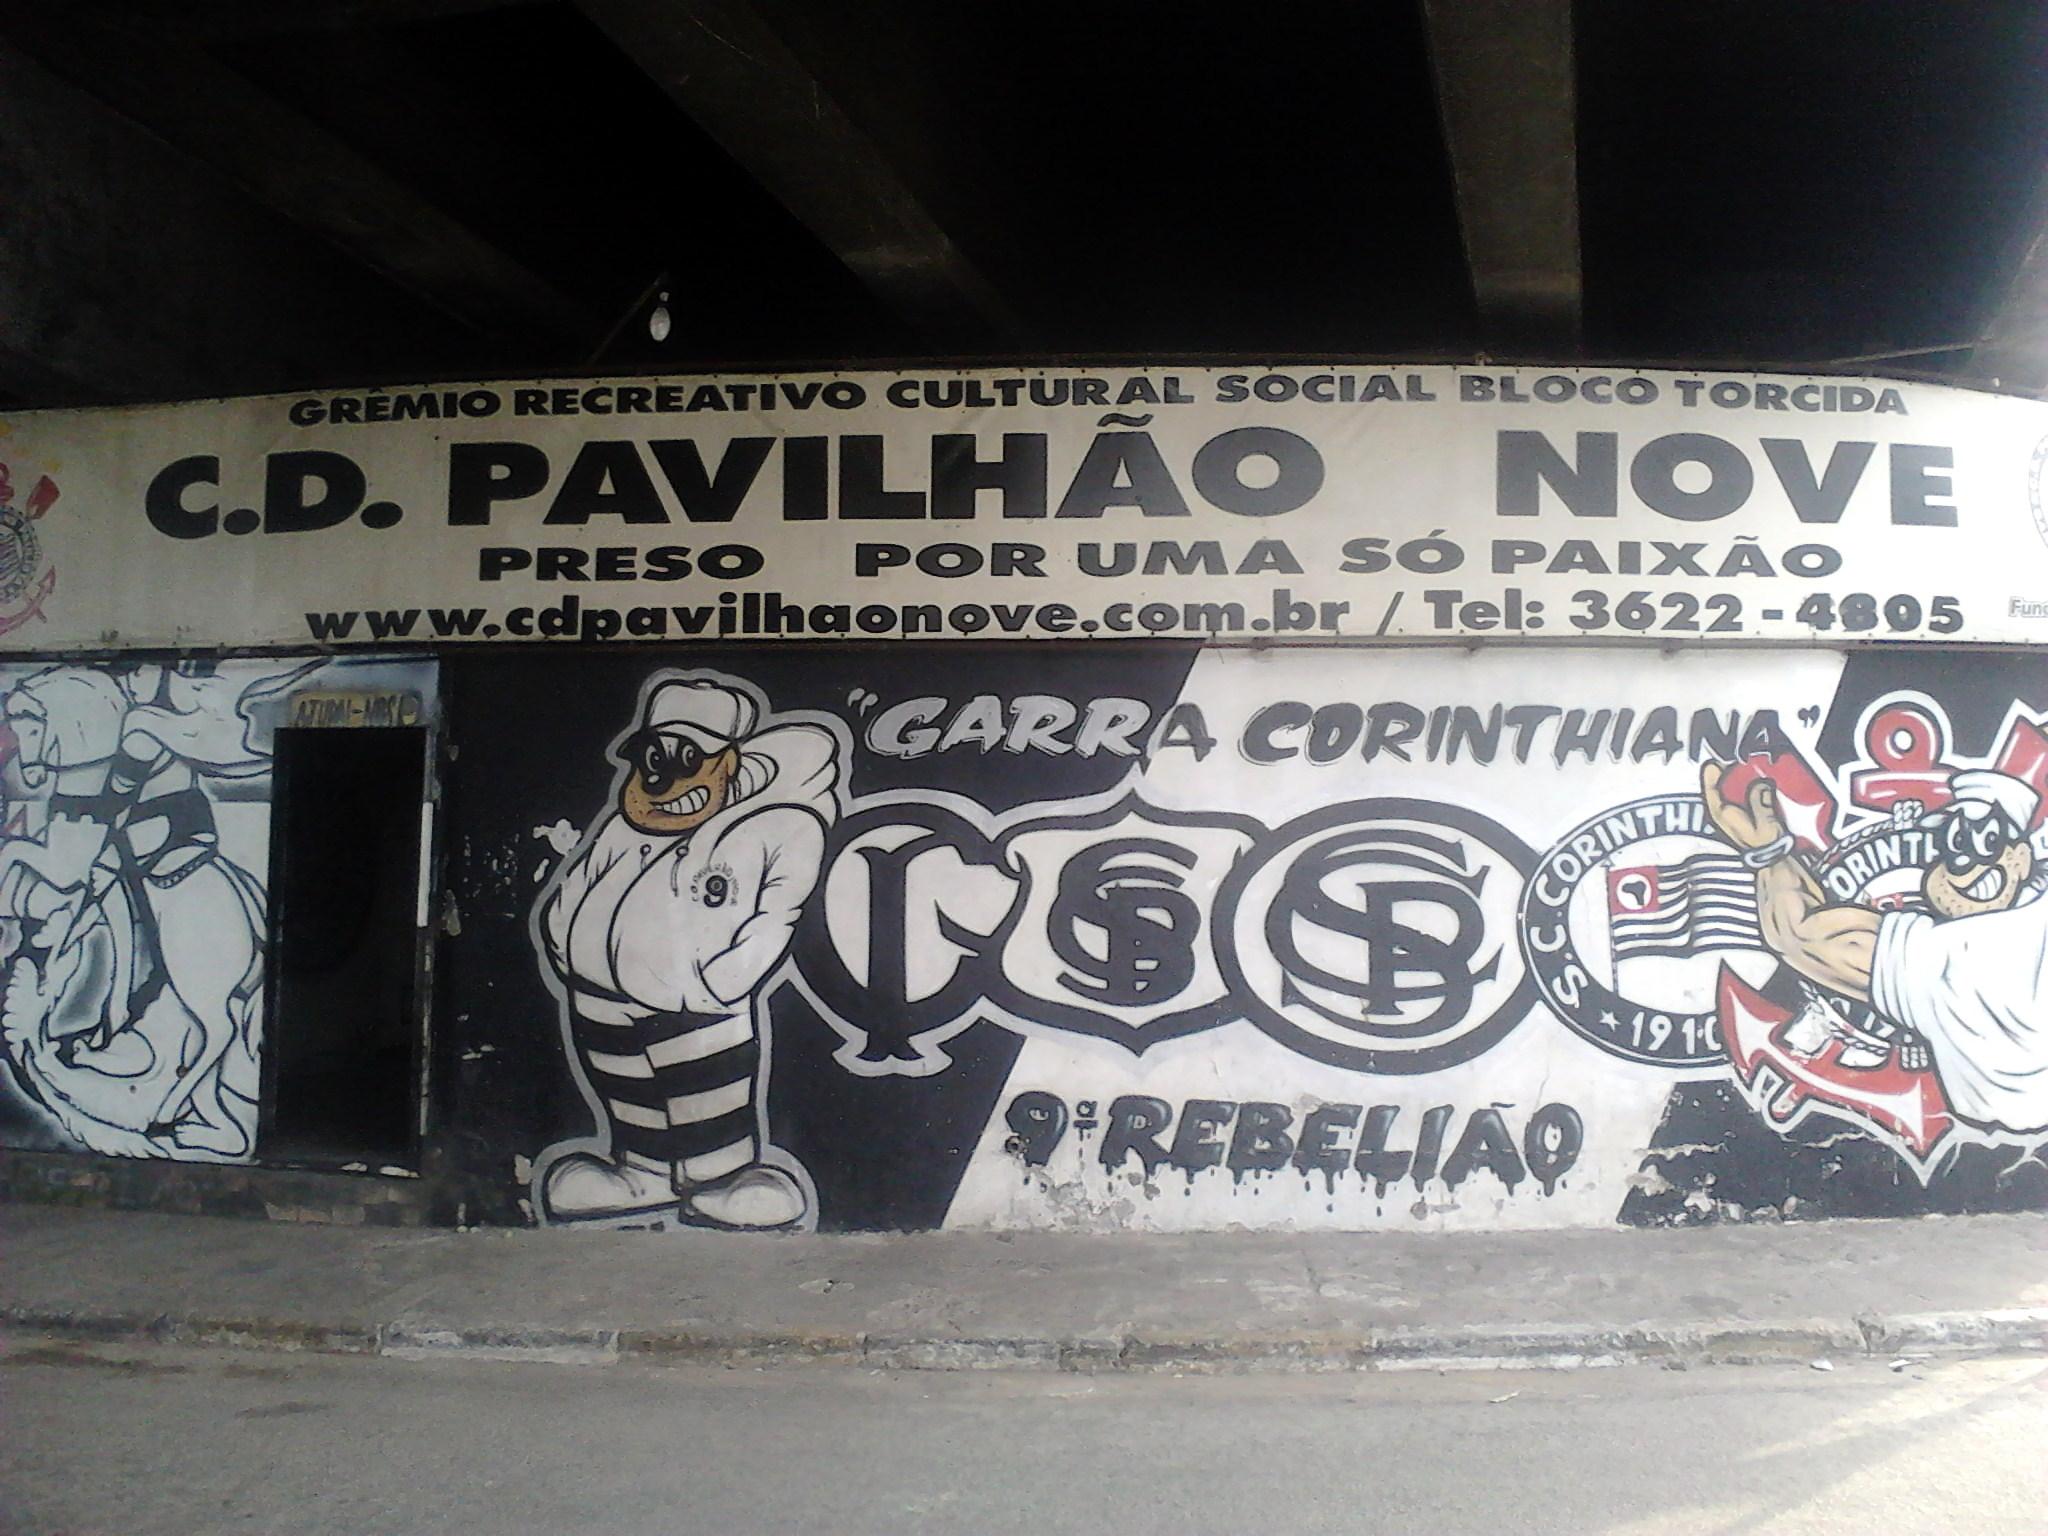 FIEL DA DA 2011 ENREDO BAIXAR O SAMBA GAVIOES